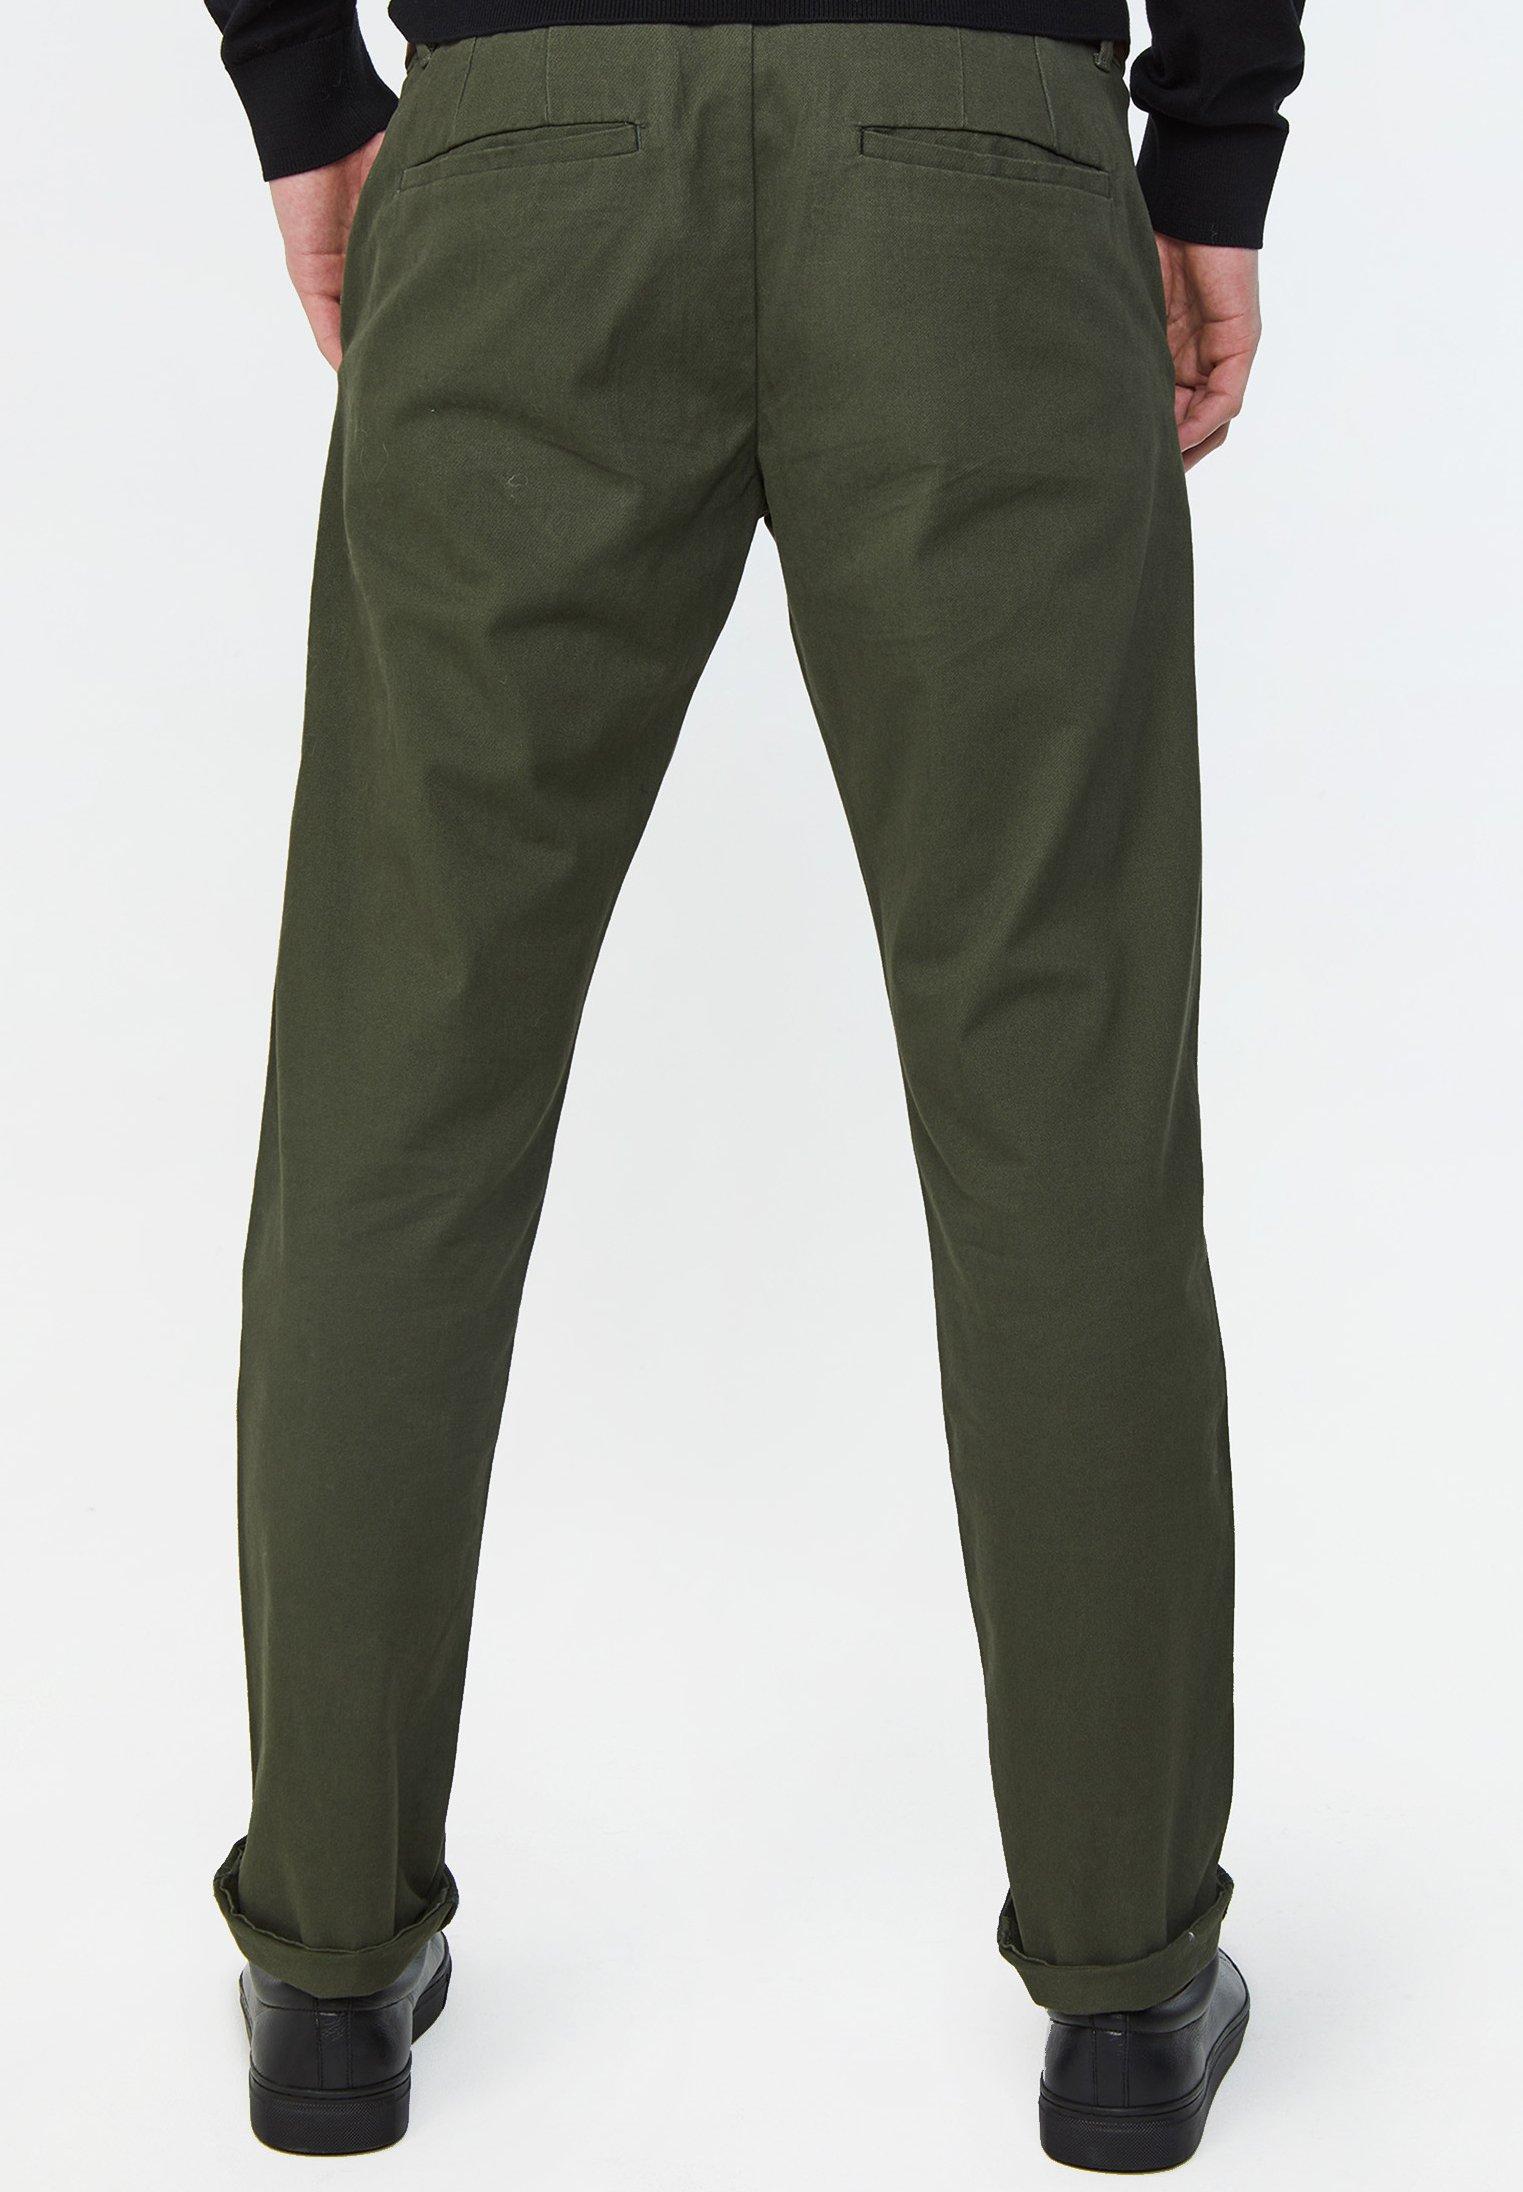 We Fashion Effen - Chino Army Green Black Friday